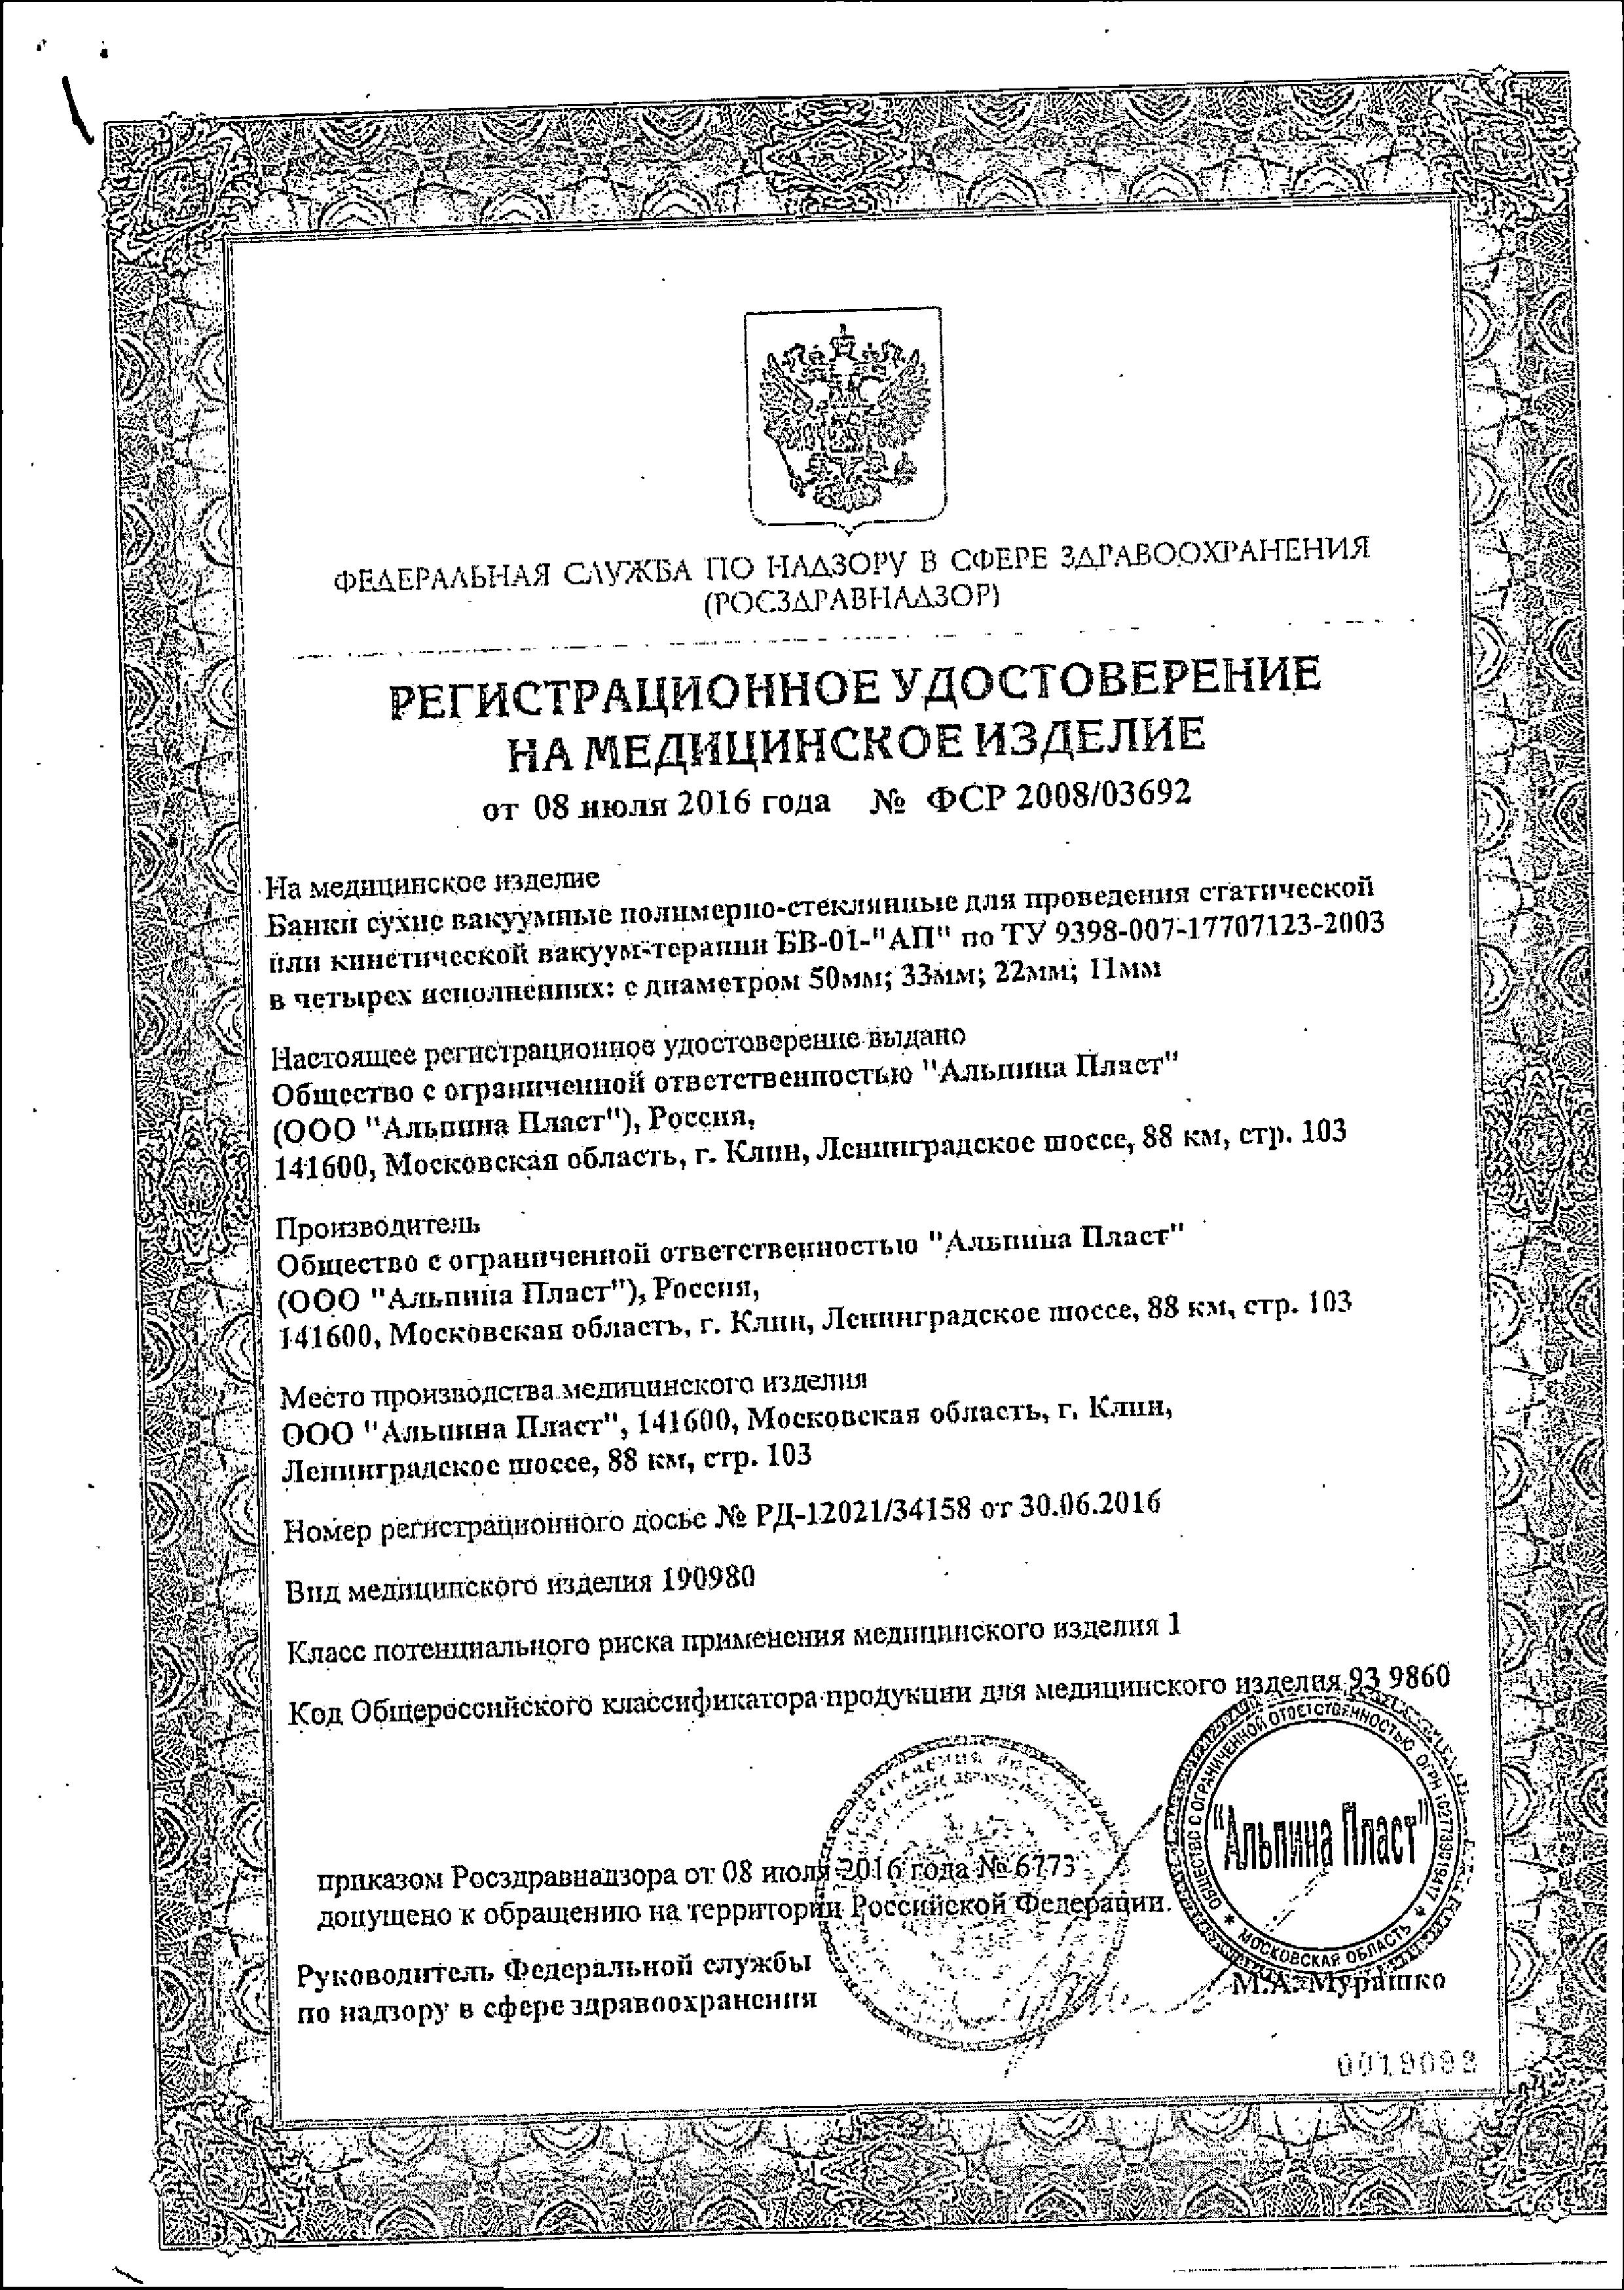 Банка сухая вакуумная полимерно-стеклянная БВ-01- АП сертификат